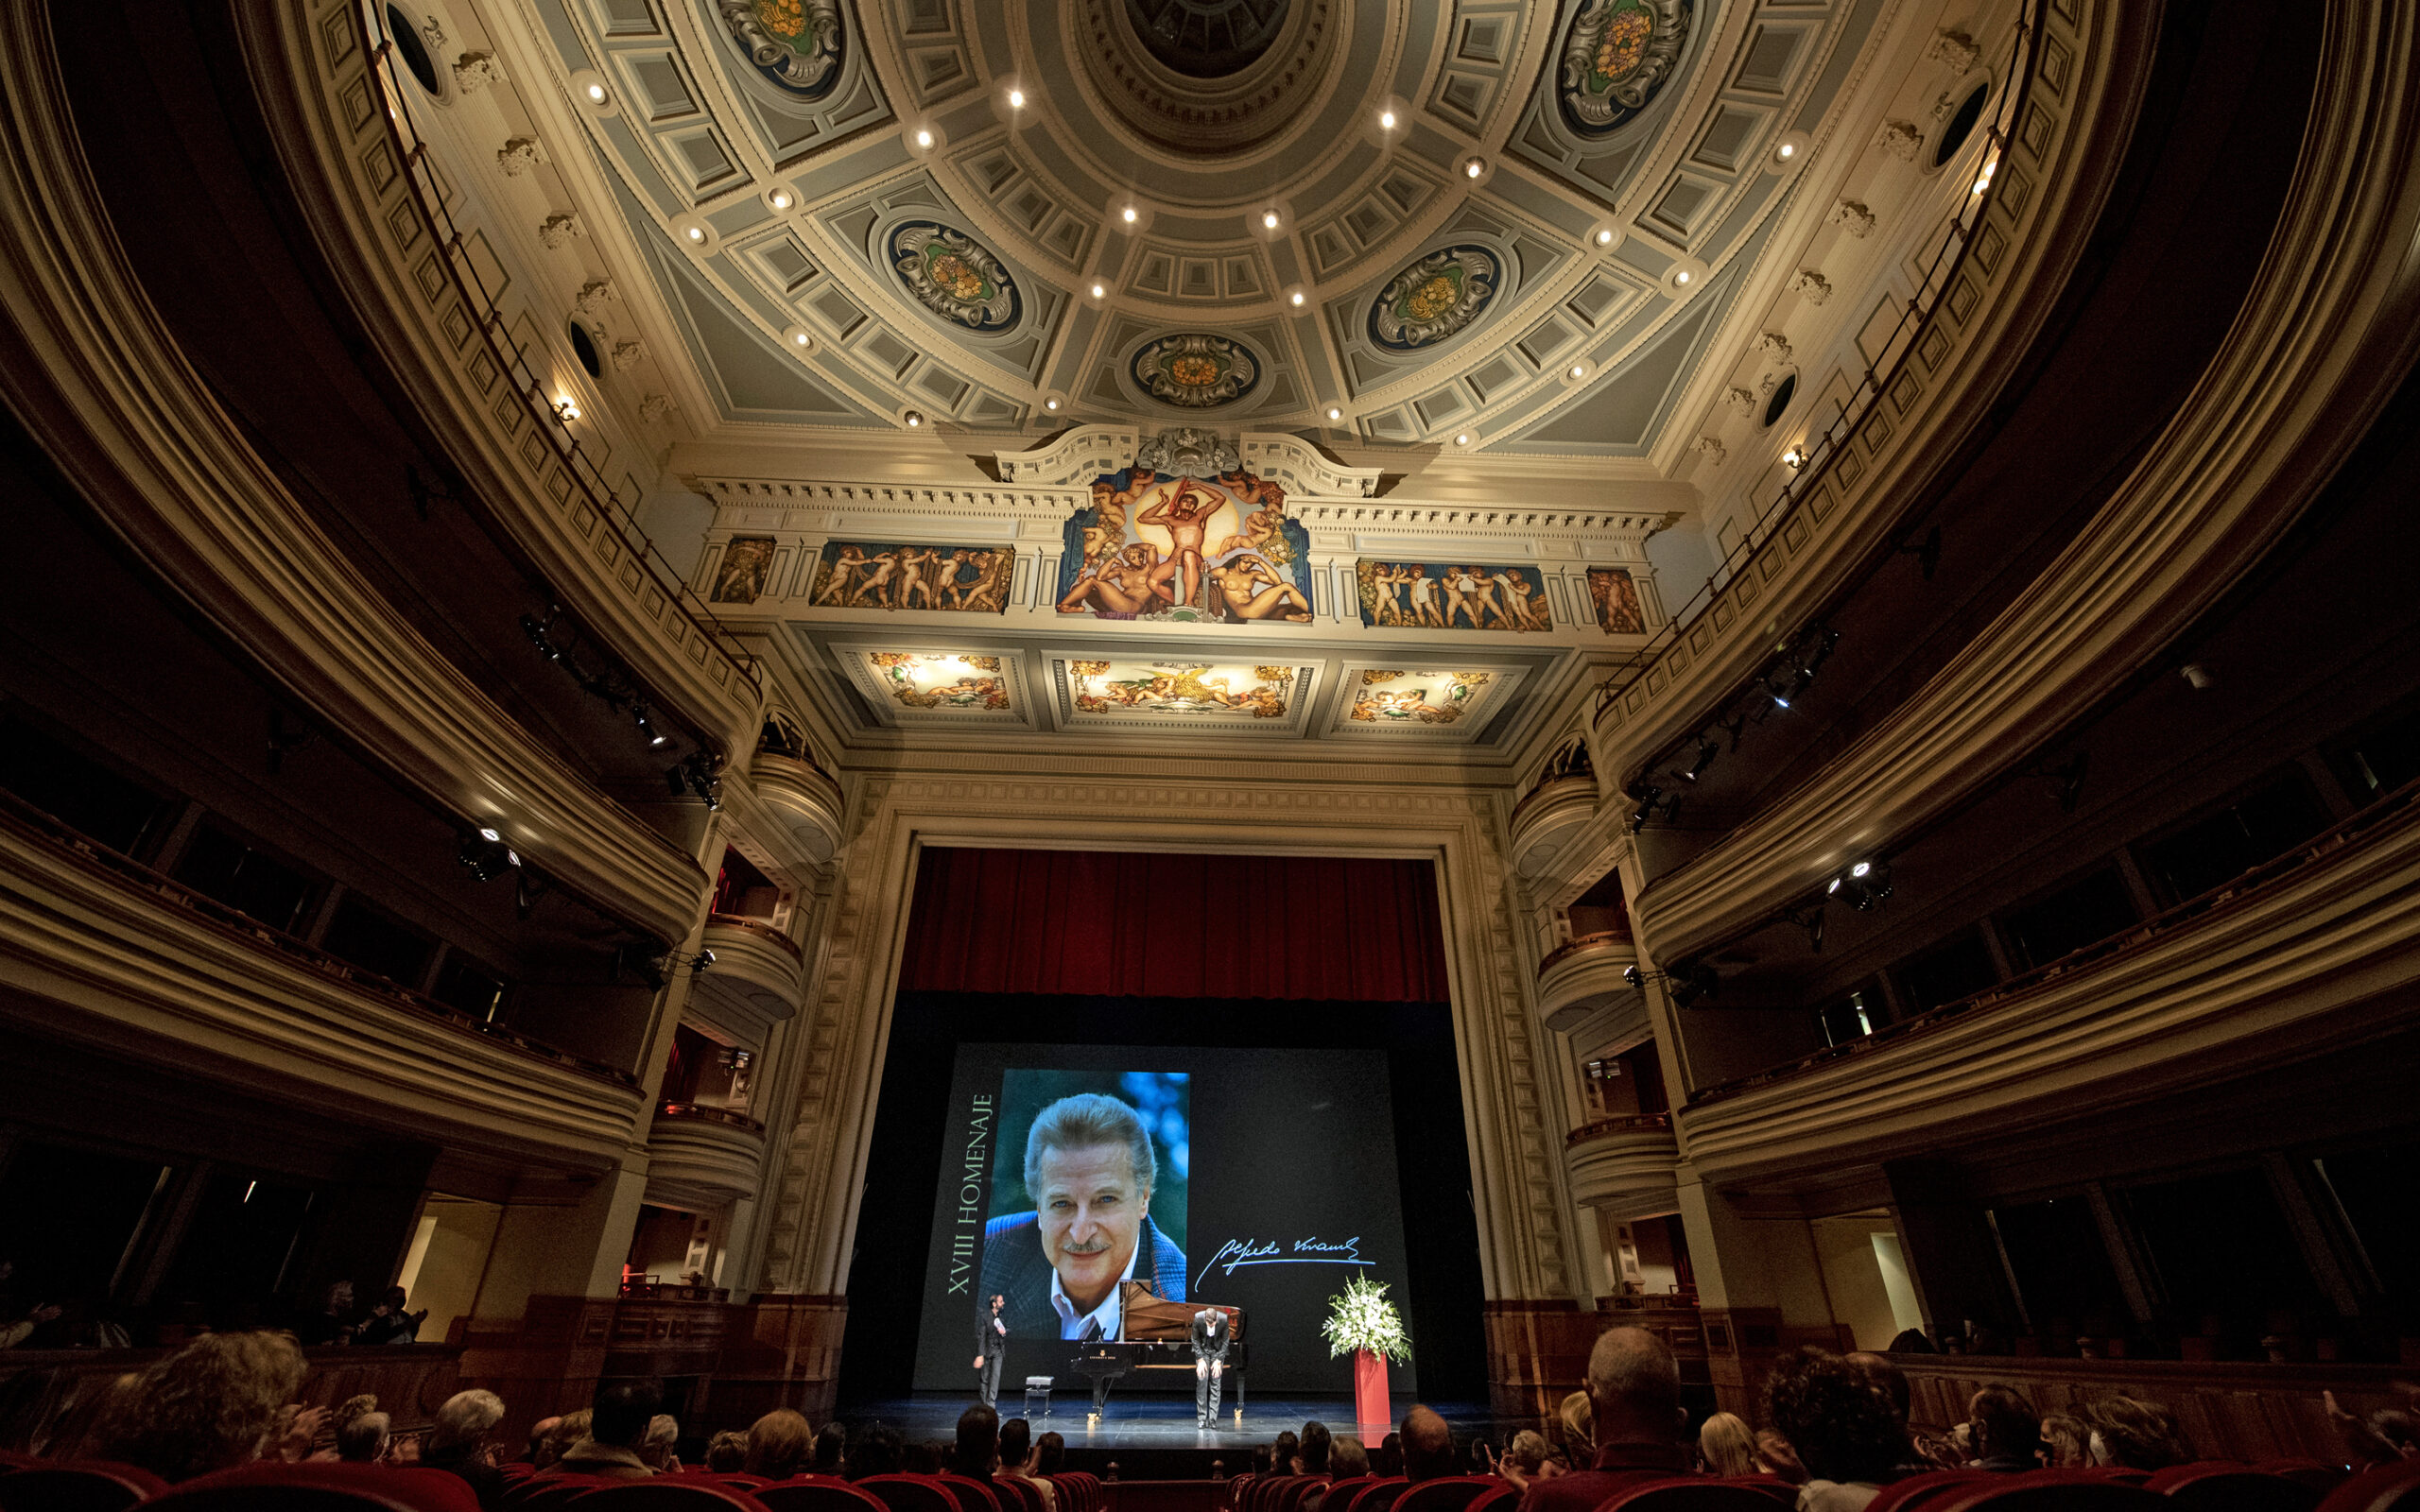 XVIII Concierto Homenaje a Alfredo Kraus en el 93 aniversario de su nacimiento, a cargo del tenor Ismael Jordi y el pianista Rubén Fernández Aguirre